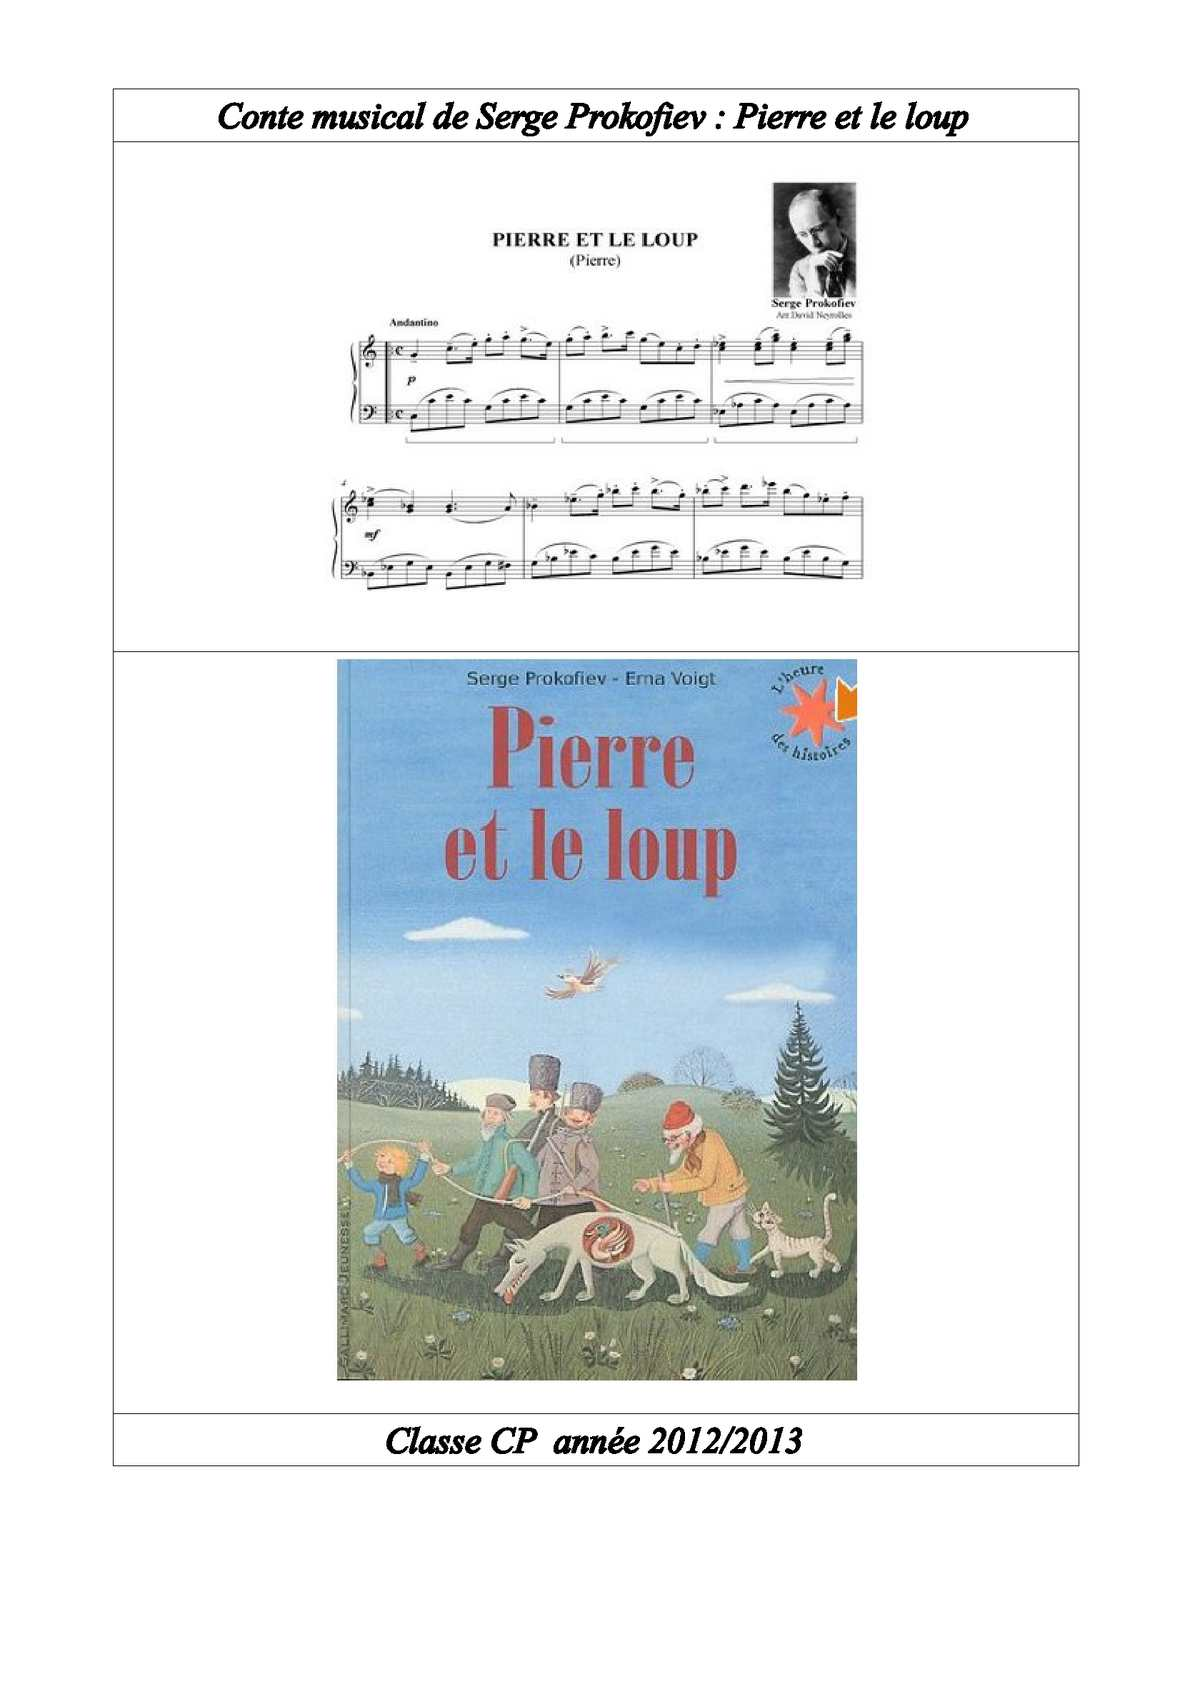 Pierre Et Le Loup Texte : pierre, texte, Calaméo, Pierre